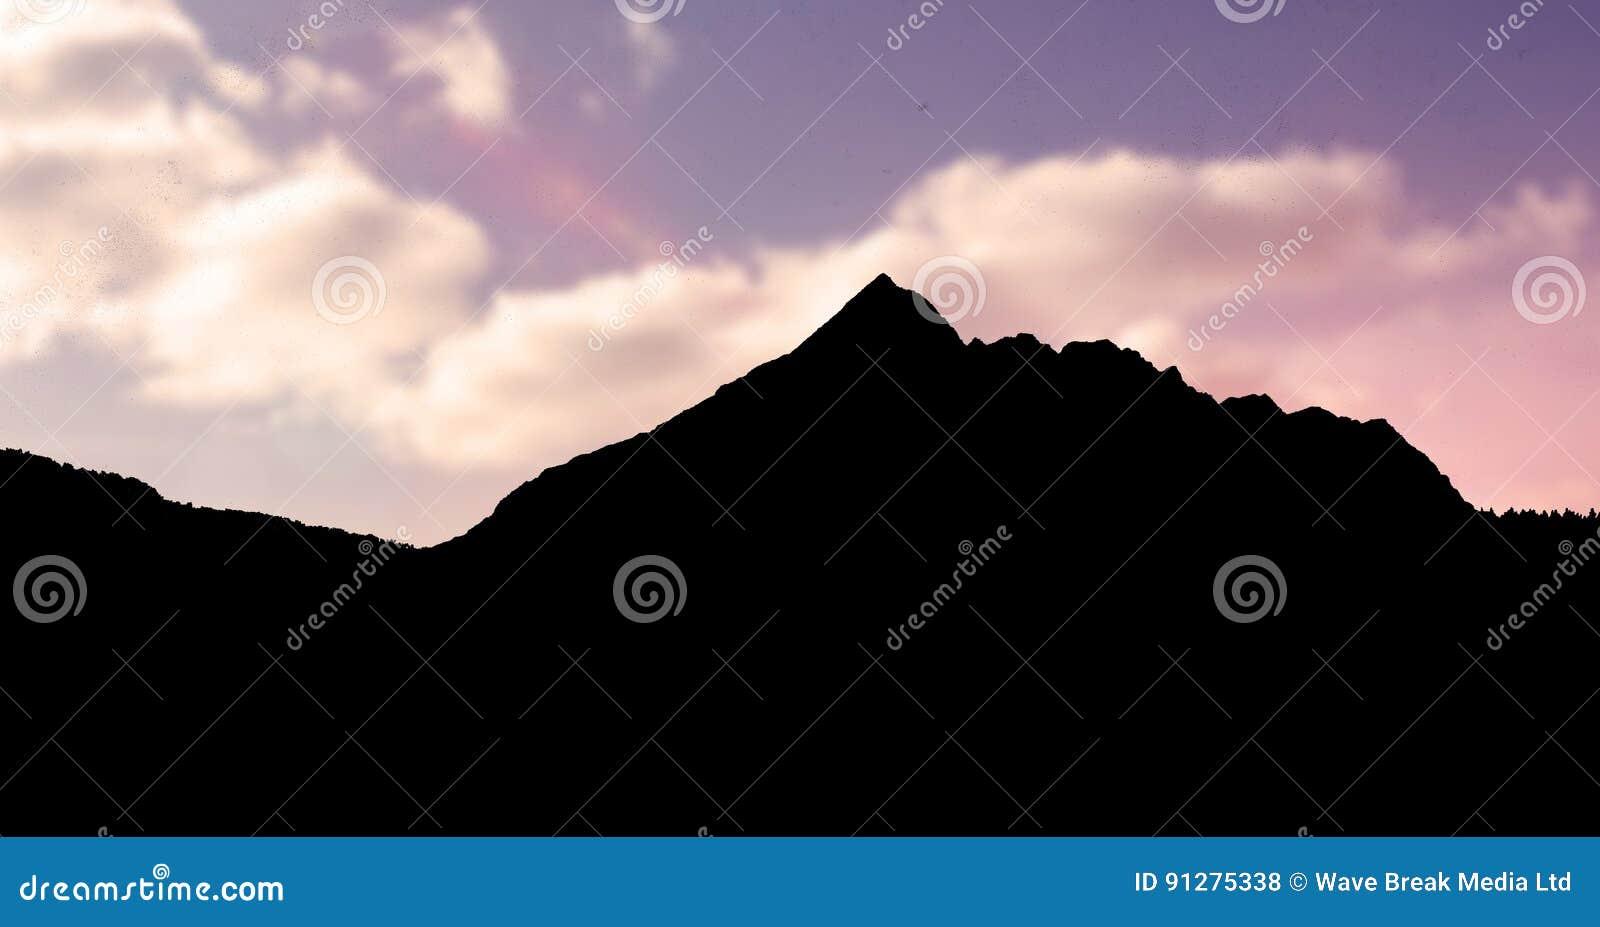 Konturberg mot himmel under solnedgång